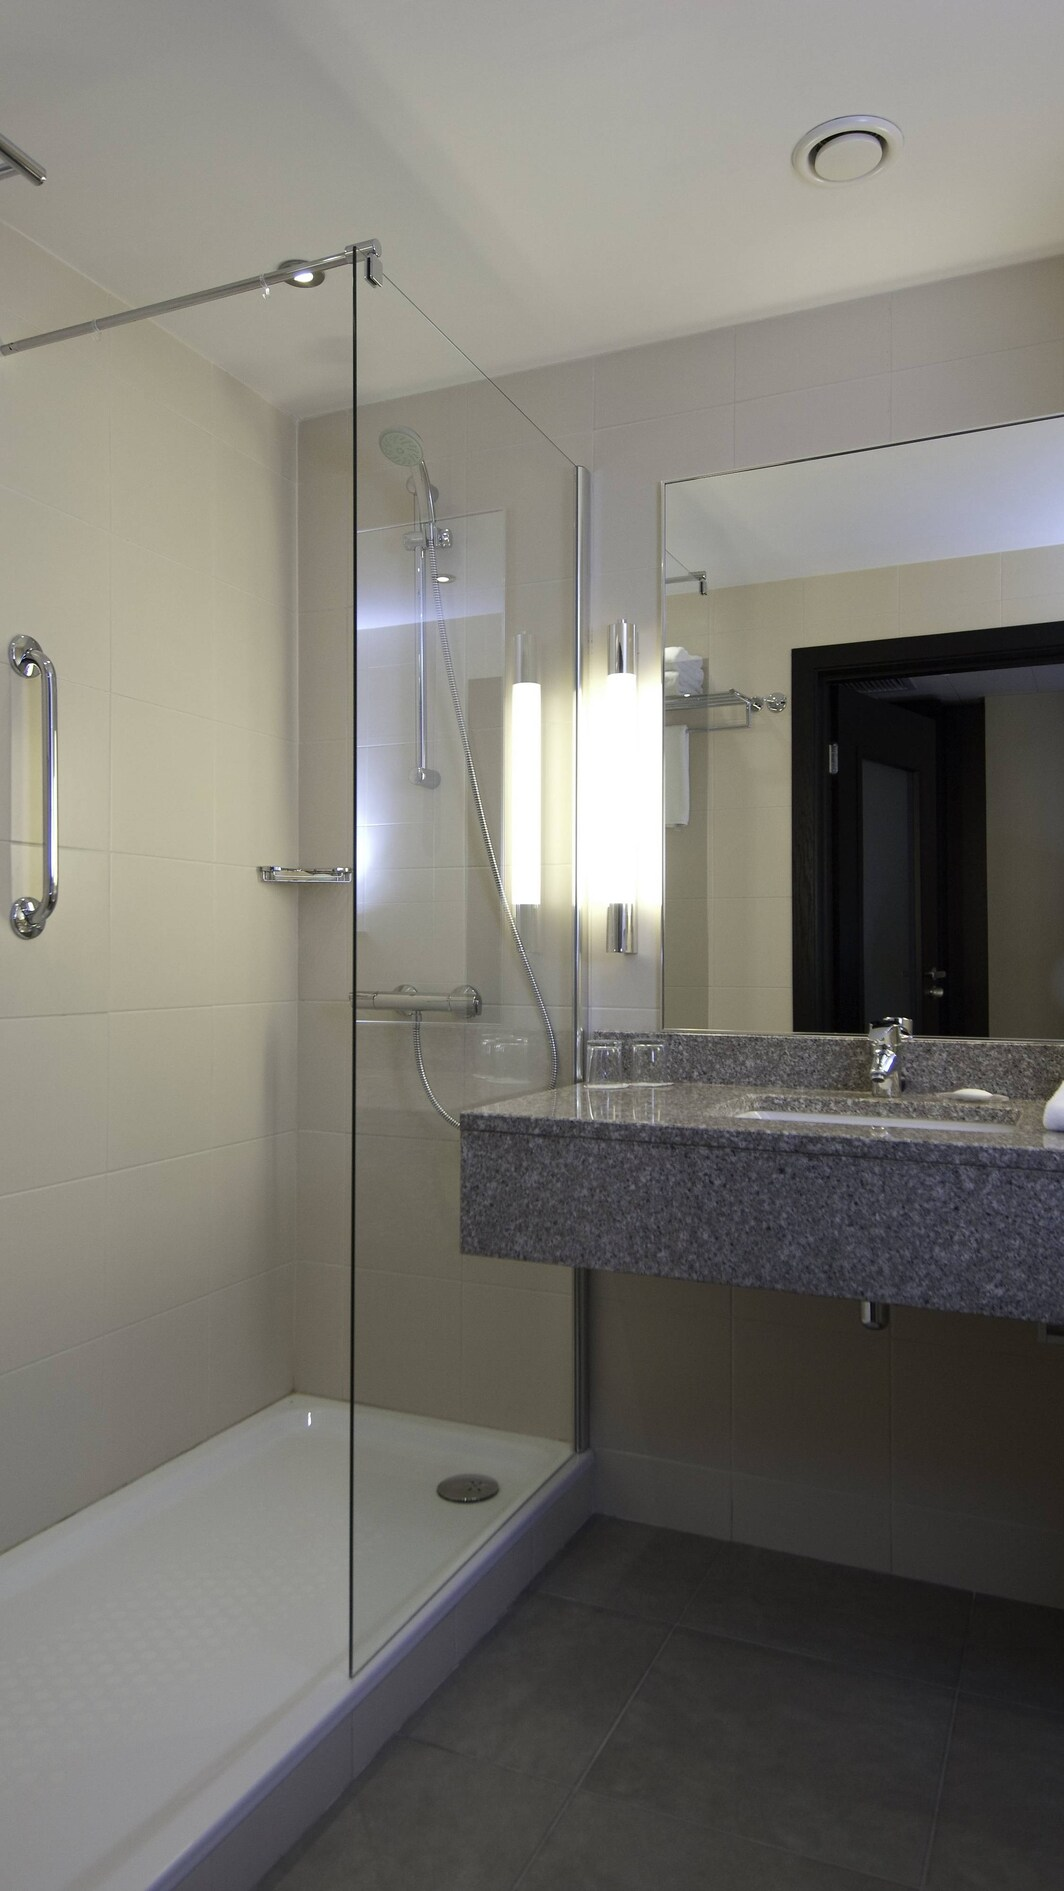 4-star hotel Bathroom St. Petersburg